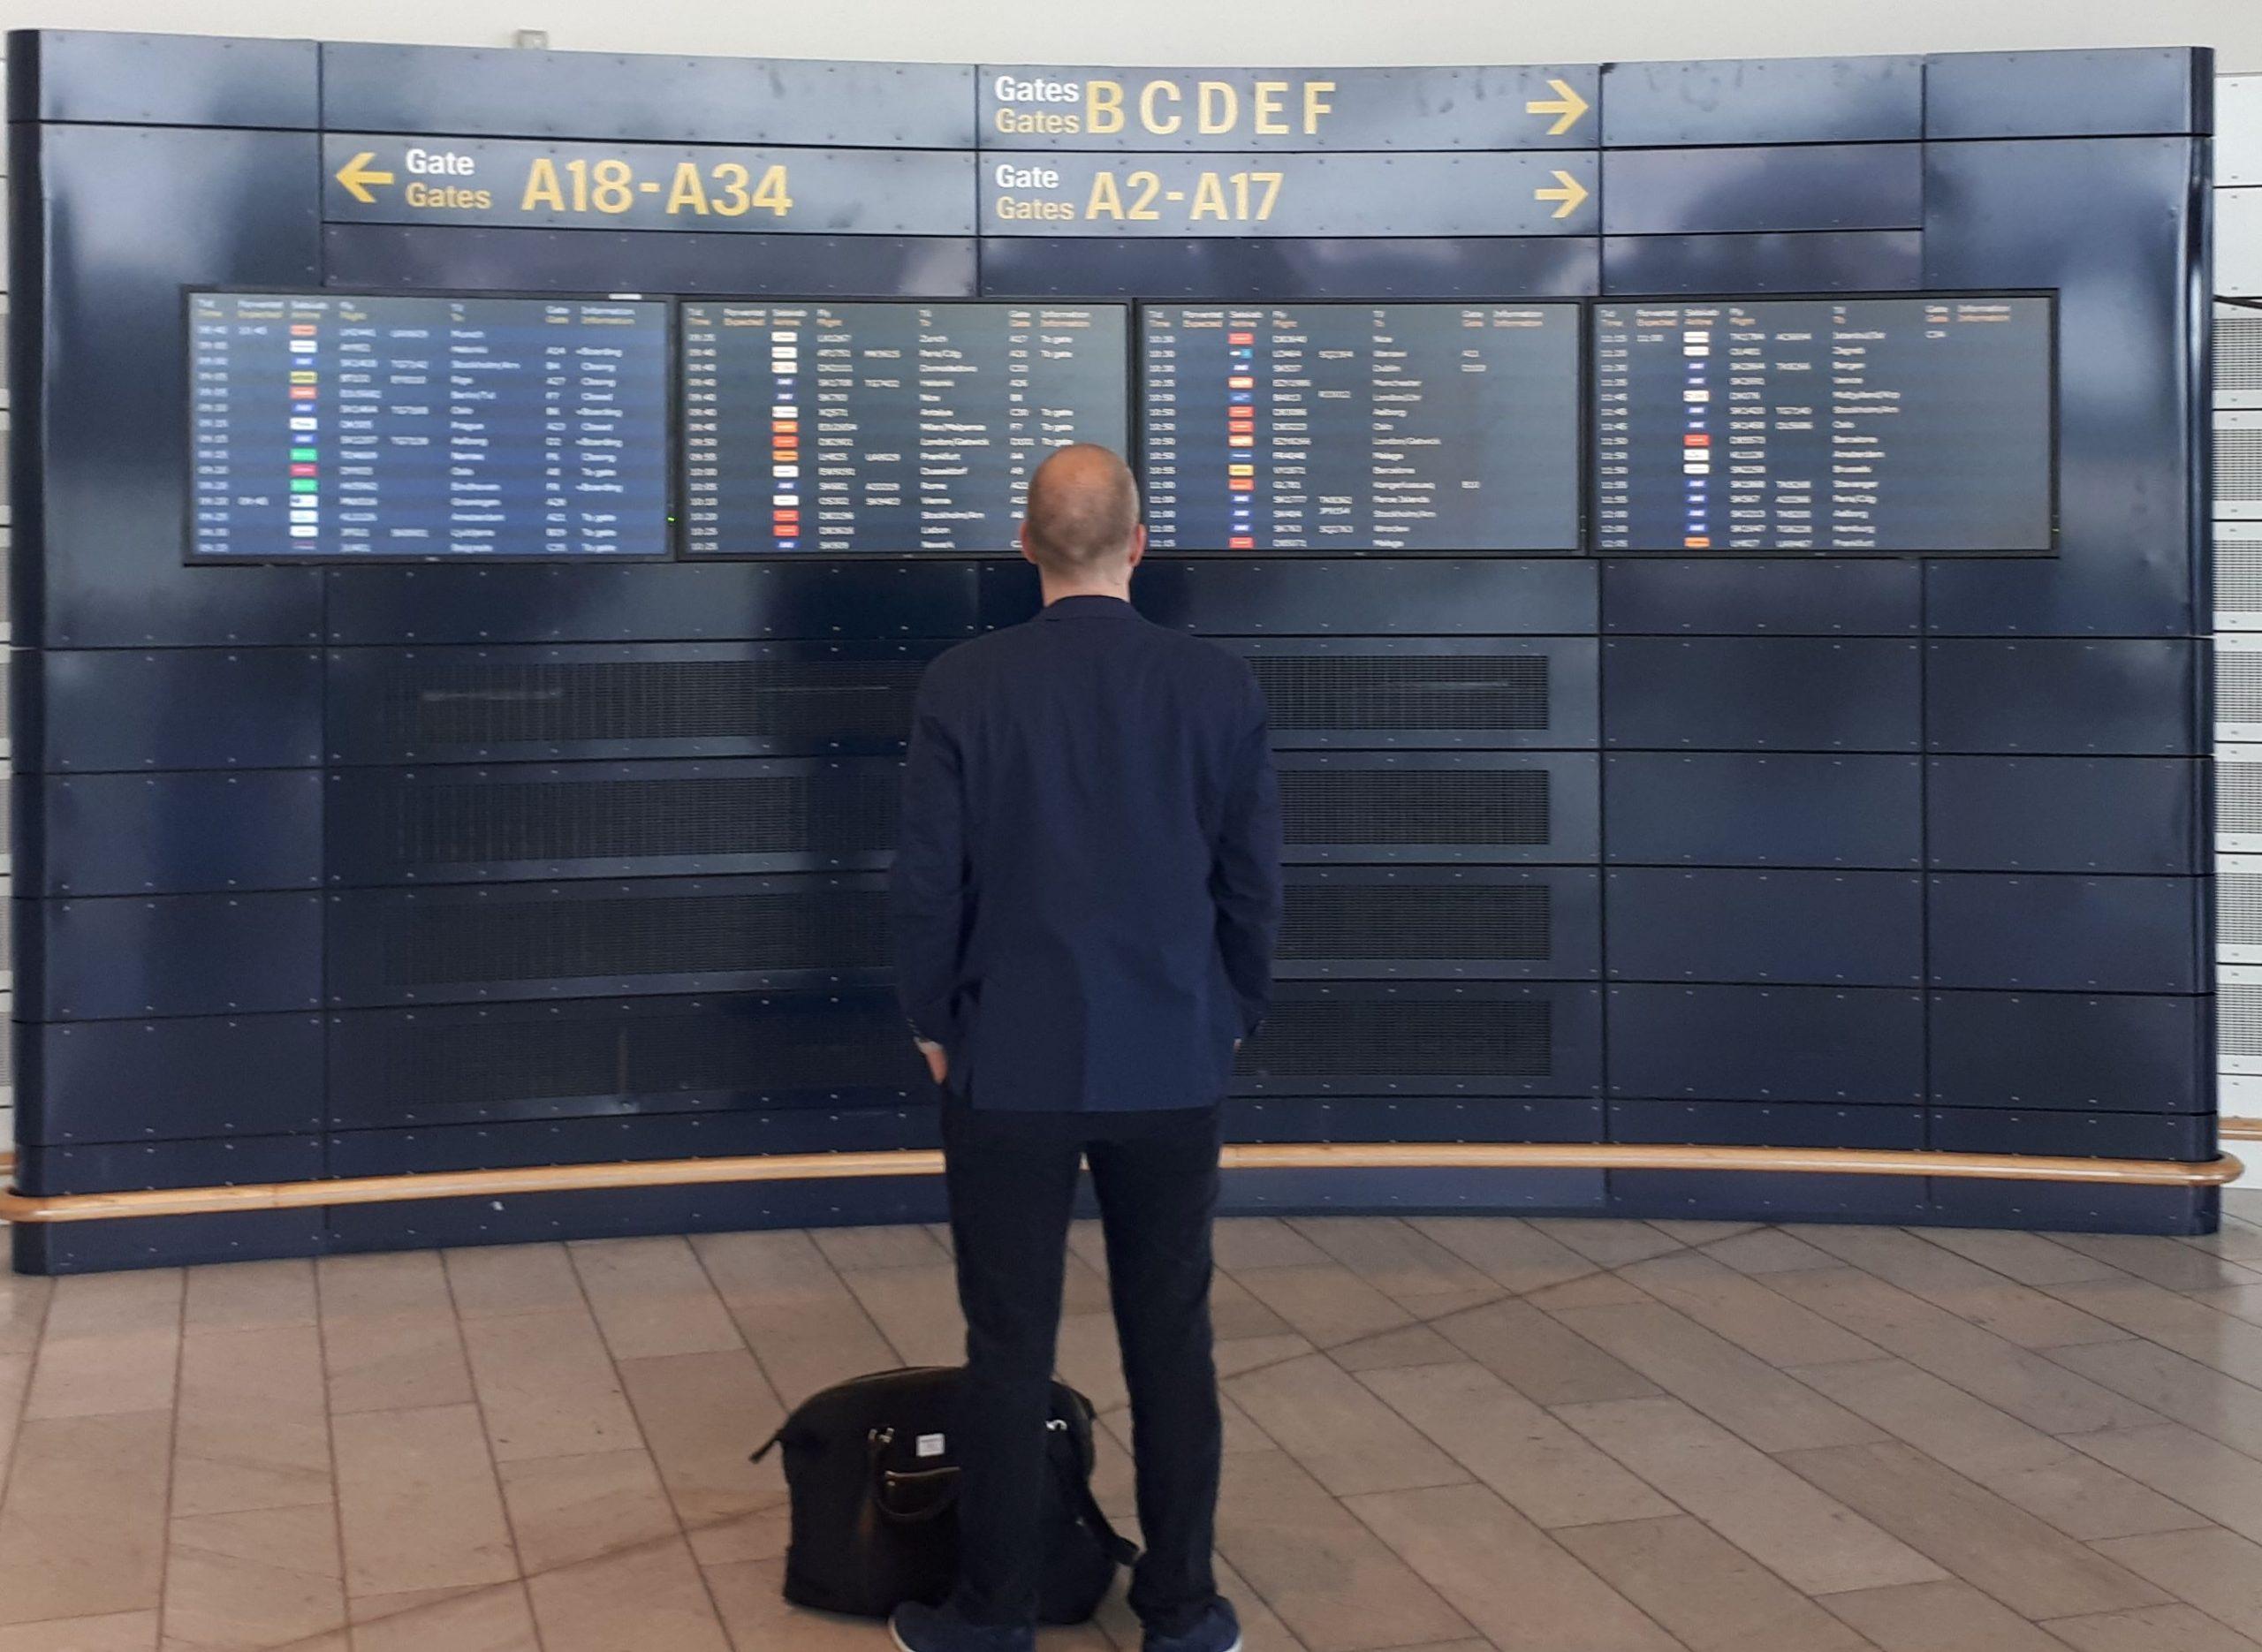 Coronakrisen vil indtil videre også påvirke antallet af forretningsrejser. Arkivfoto fra Københavns Lufthavn: Henrik Baumgarten.